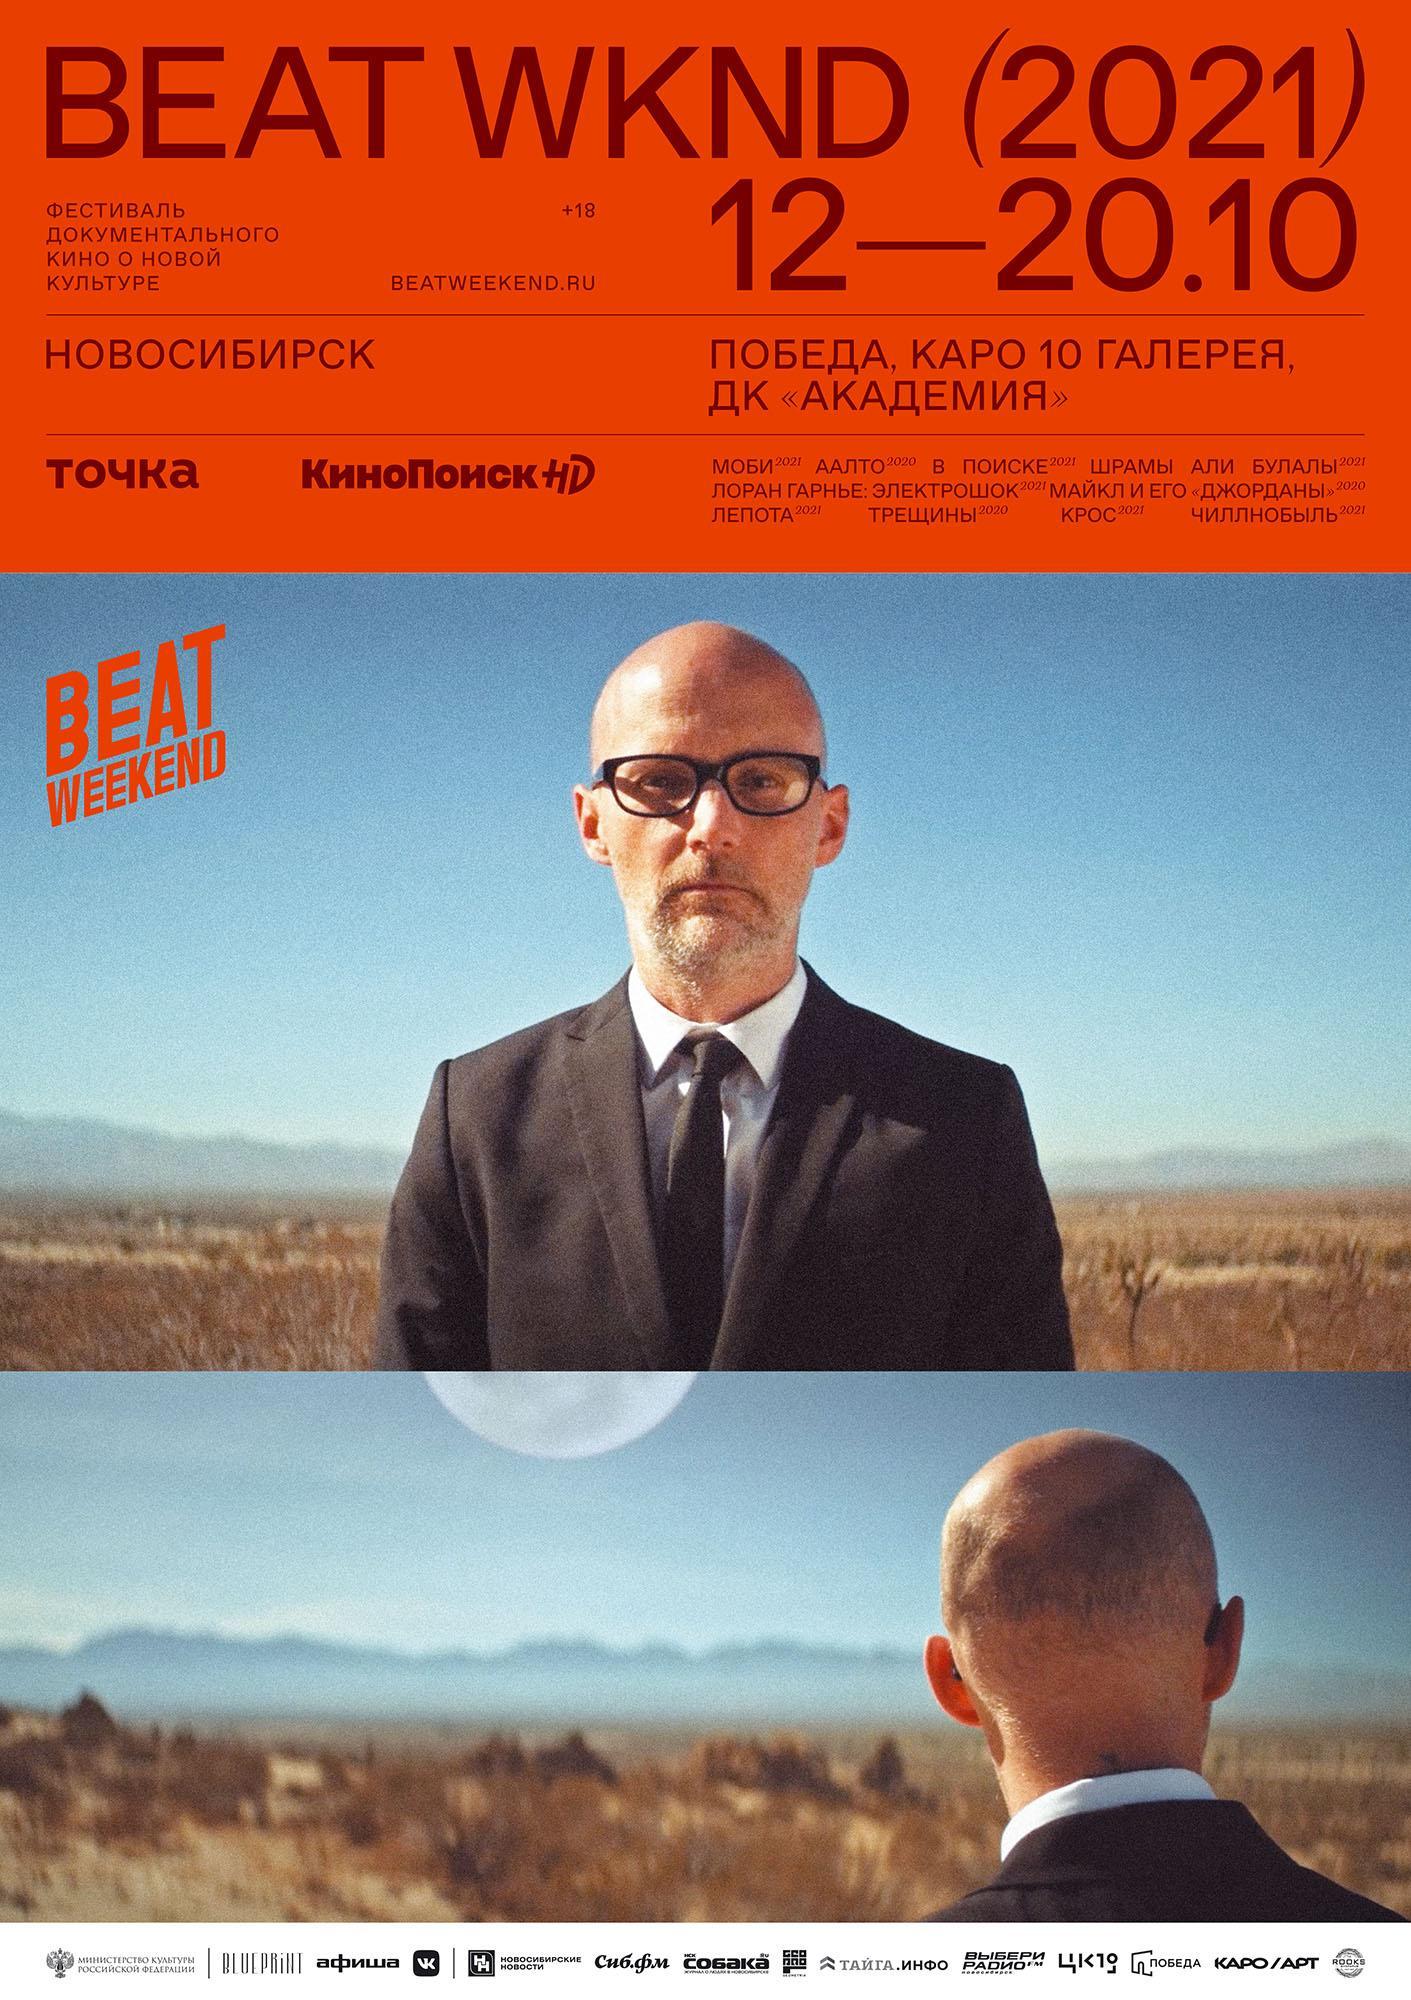 Фото Фестиваль документального кино о новой культуре Beat Weekend 2021 объявил программу специальных событий в Новосибирске 2